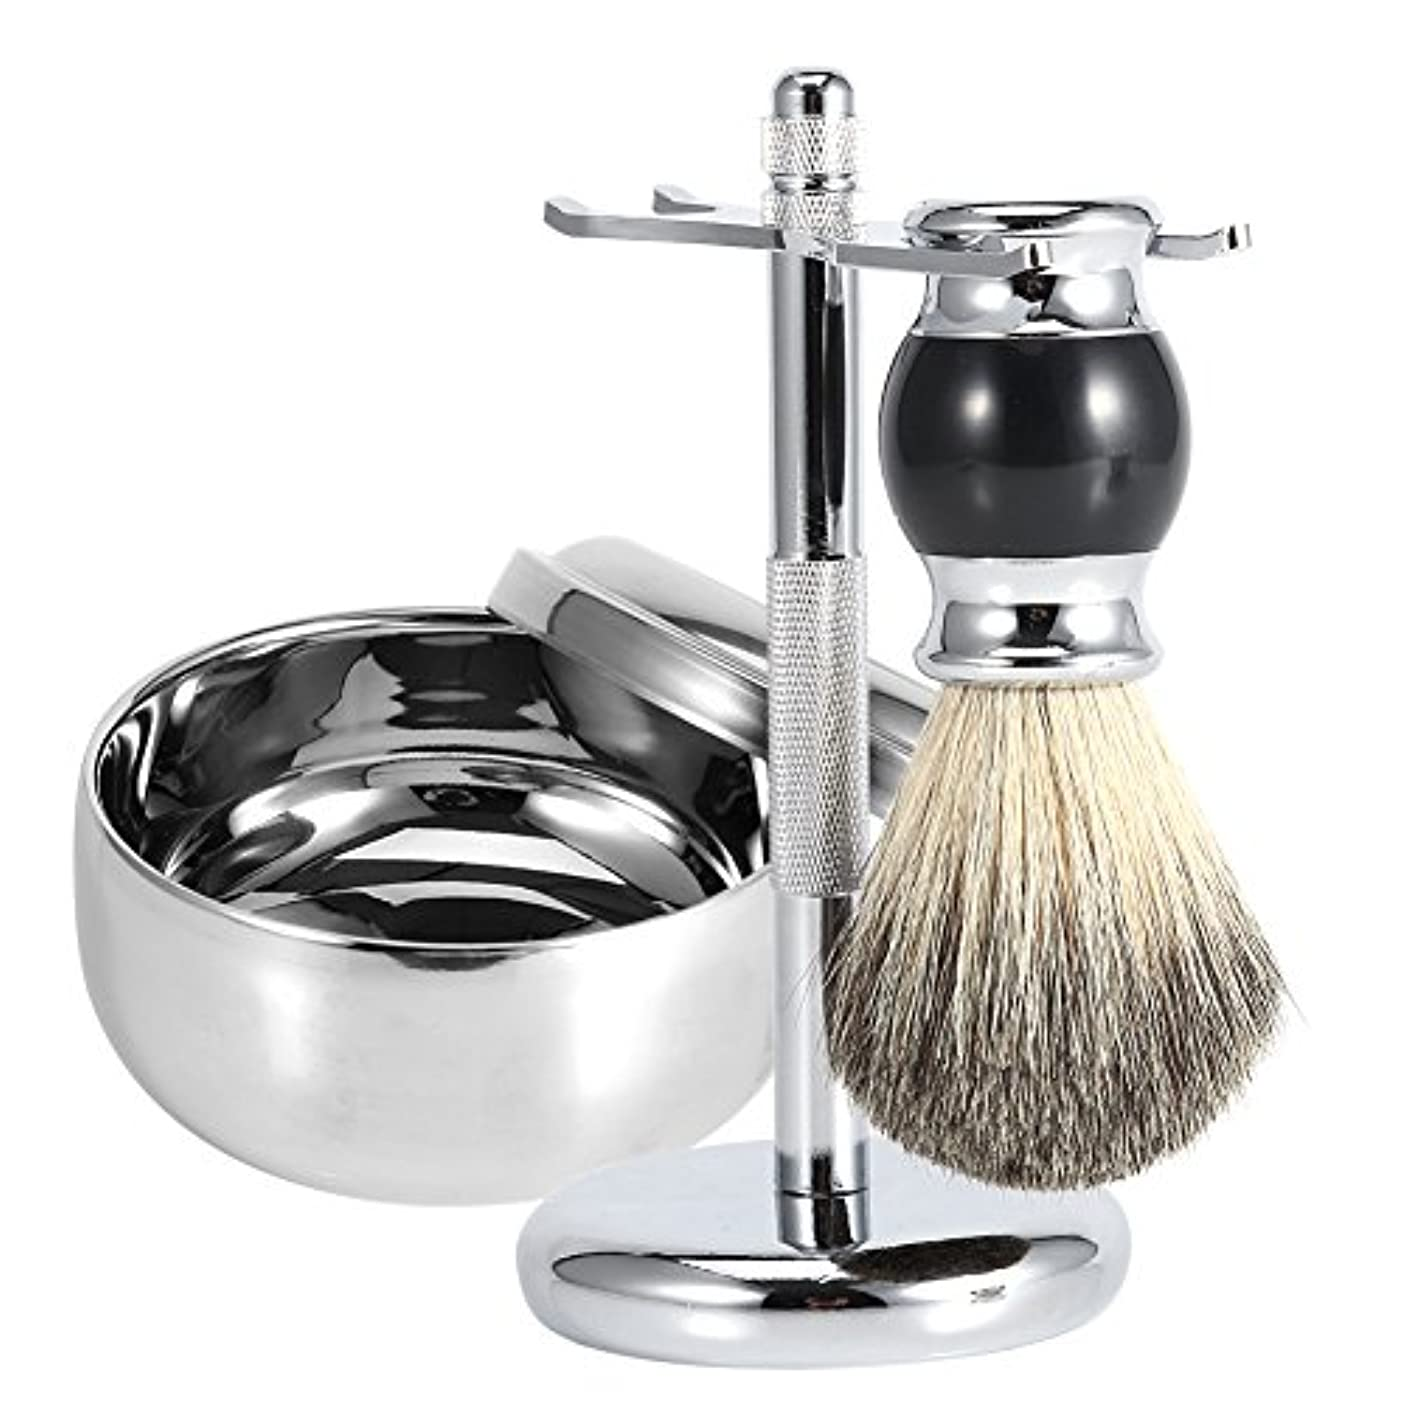 シェービングブラシセット メンズシェービングツール 石鹸ボウル 理容 洗顔 髭剃り 泡立ち スタンド ホルダー フェイクバジャーヘアブラシ 合金ソープマグカップキット(3点セット銀)